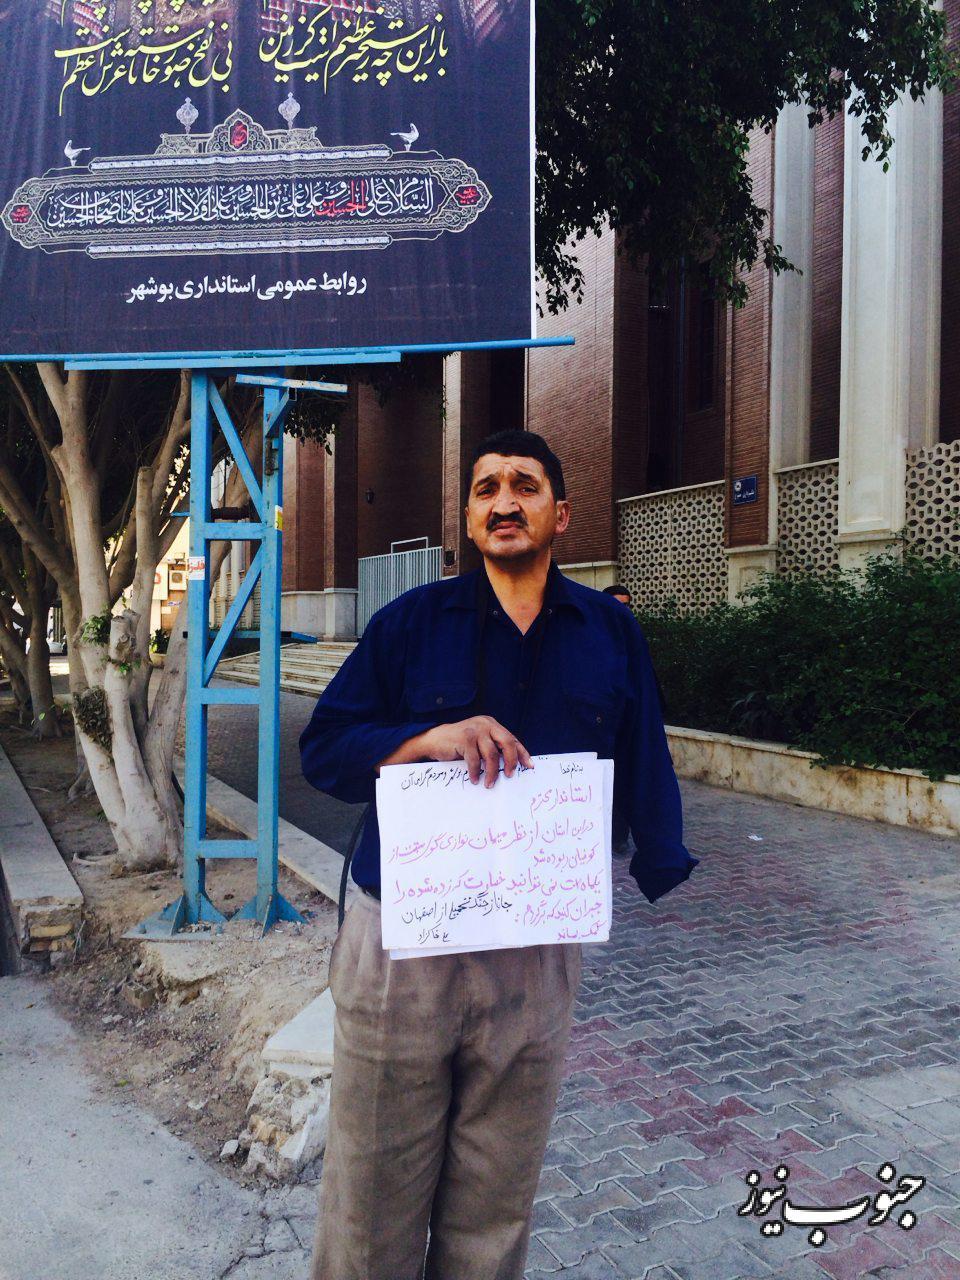 حرکت عجیب جانباز اصفهانی مقابل استانداری بوشهر +عکس